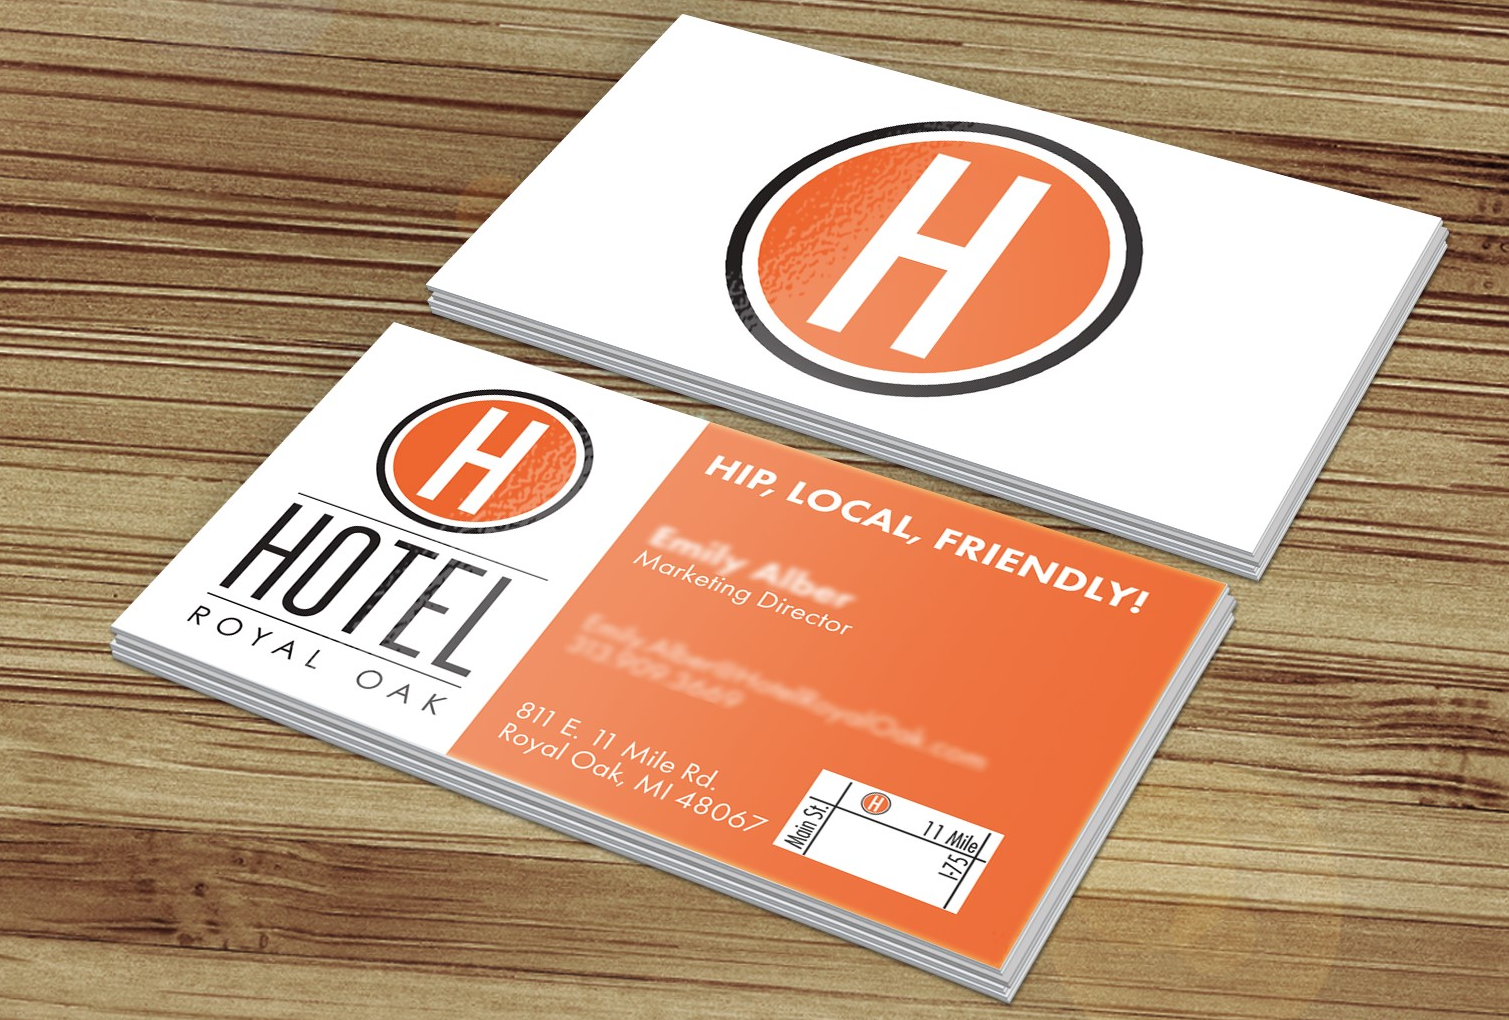 Hotel Royal Oak - Business Card Design